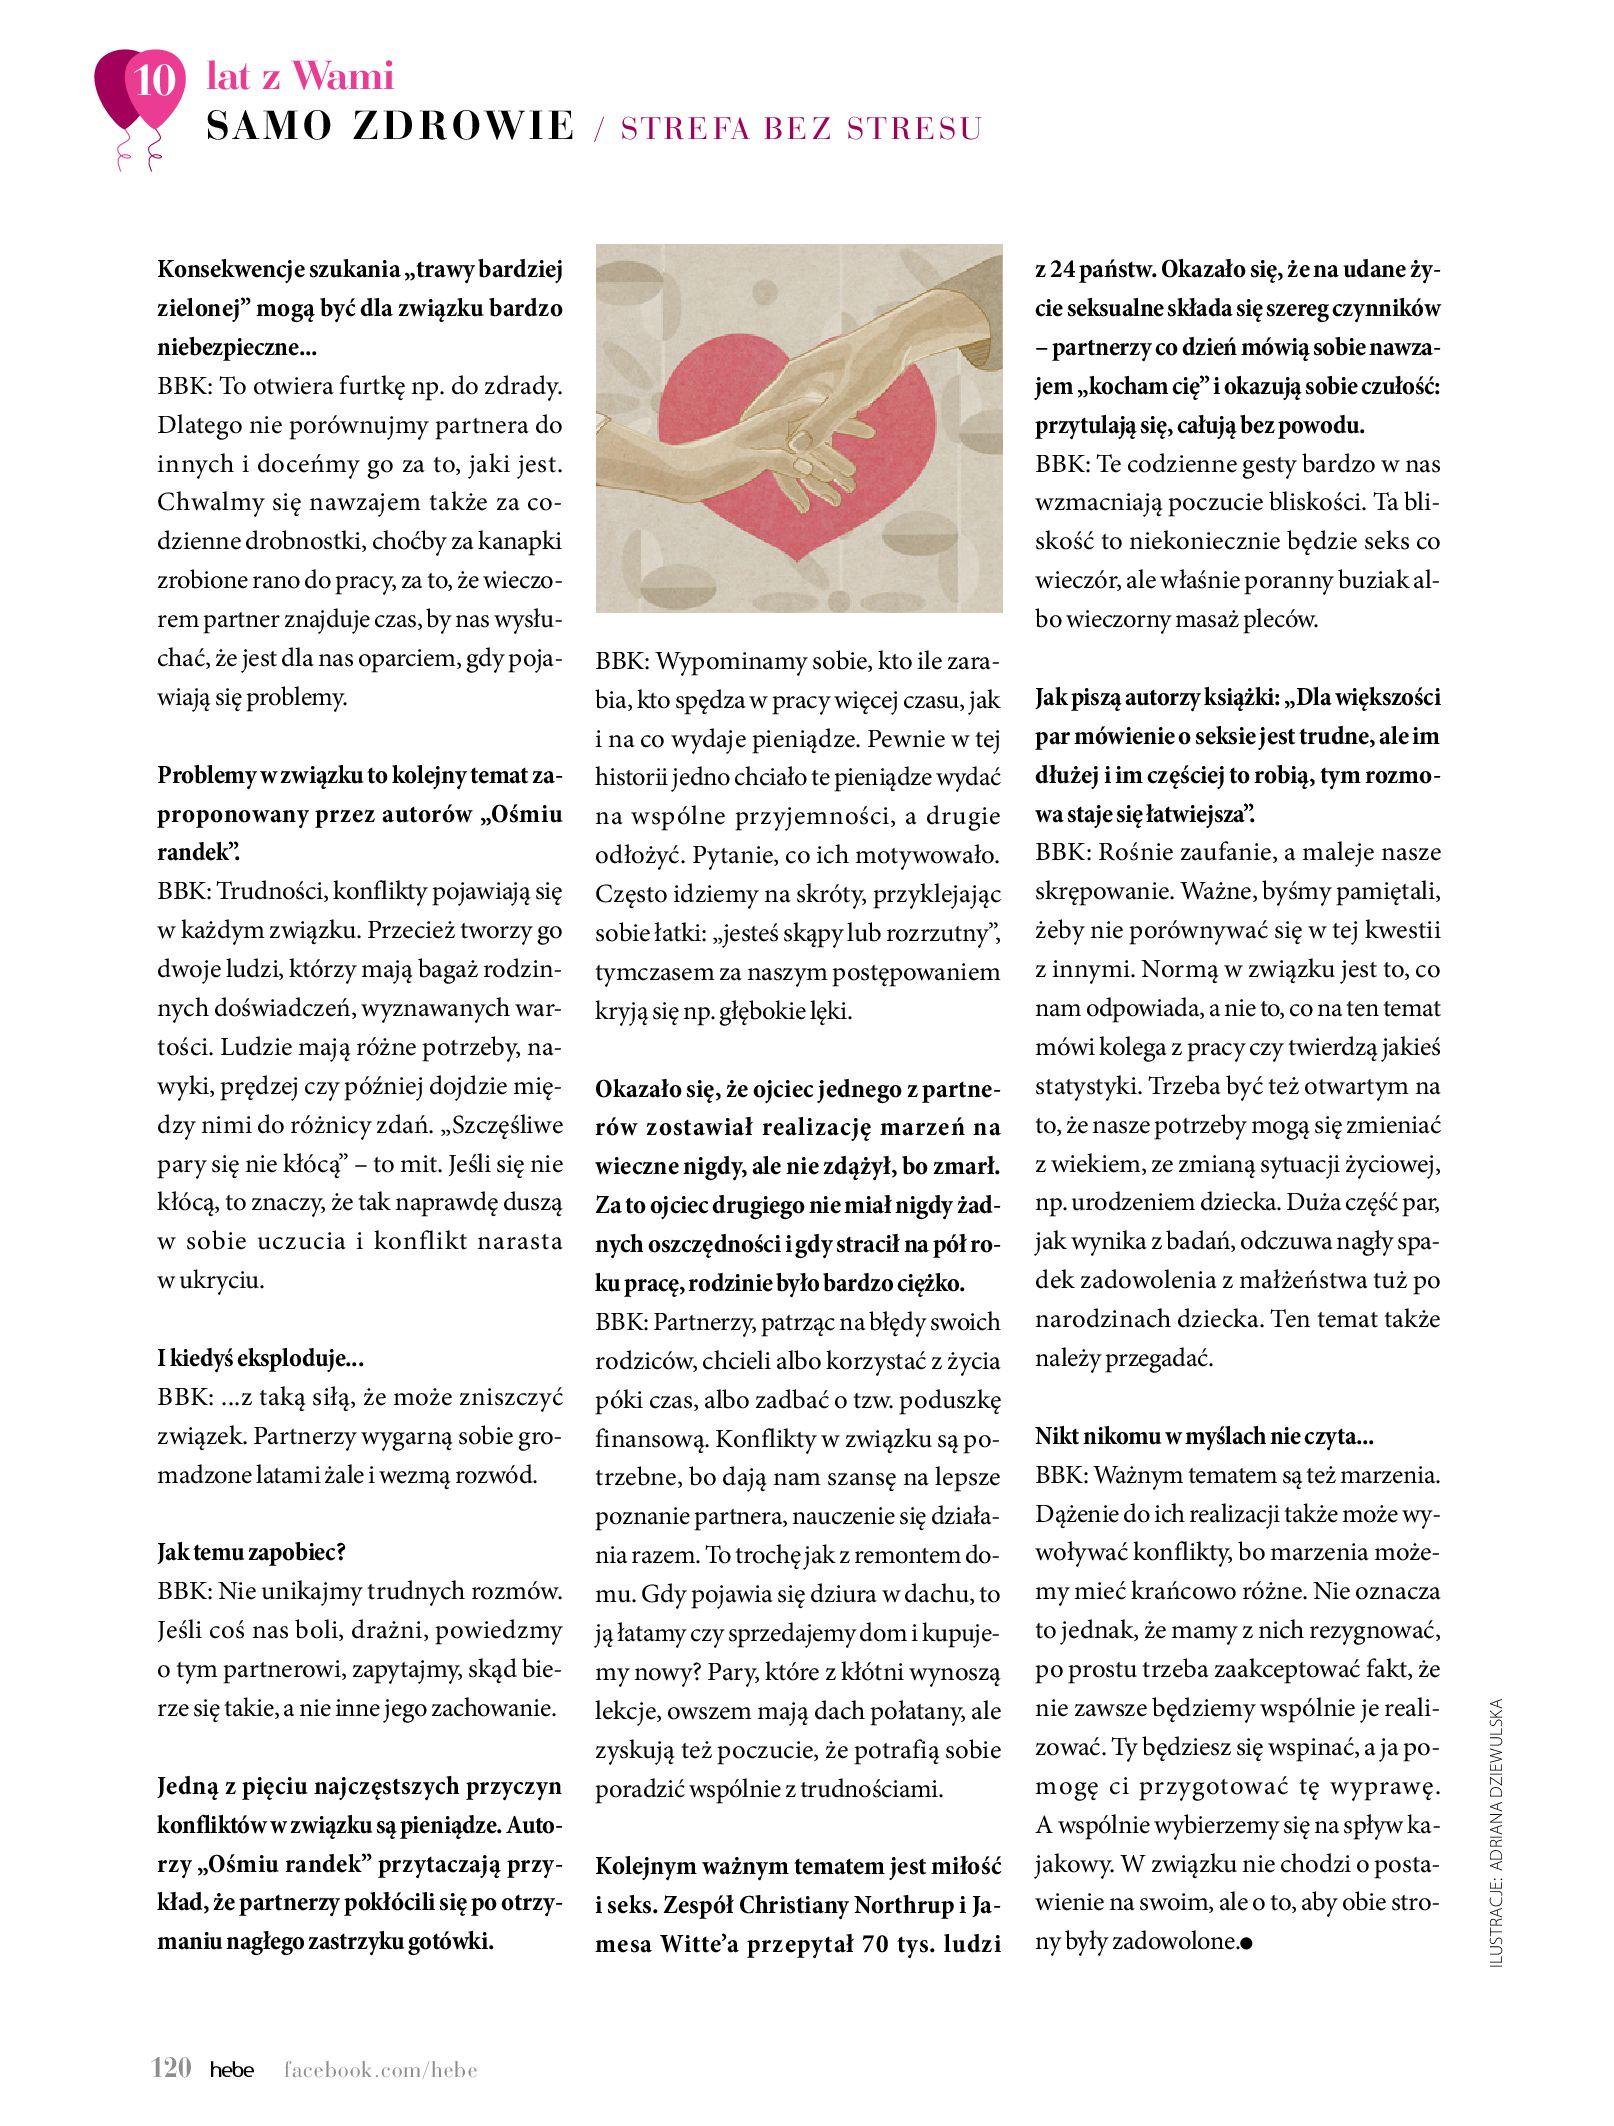 Gazetka hebe: Gazetka Hebe - Magazyn  2021-05-01 page-120